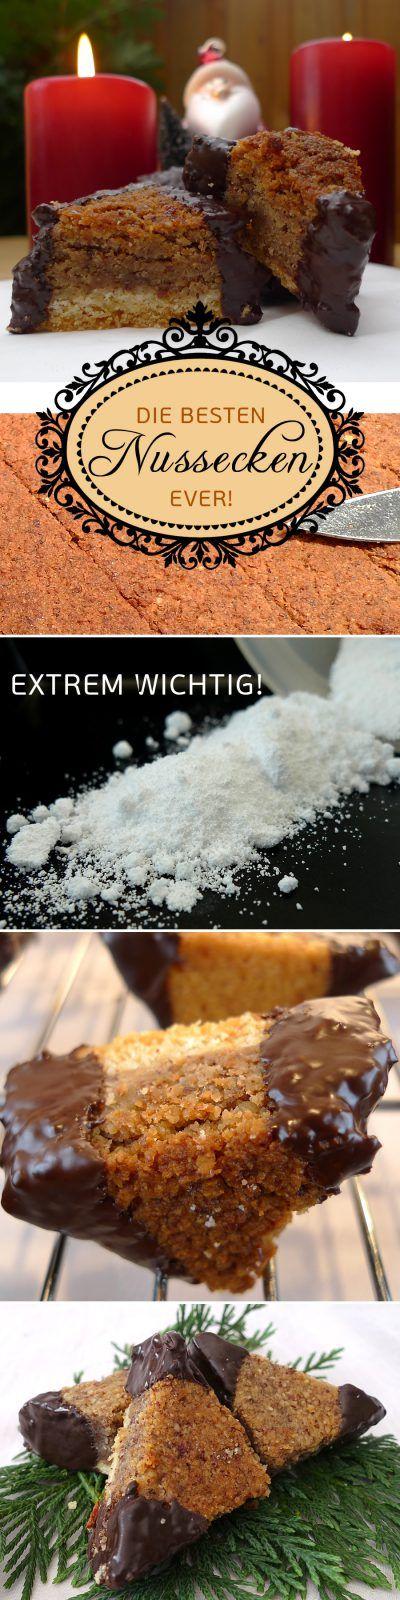 Das köstlichste aller Nussecken Rezepte | Aus meinem Kochtopf https://aus-meinem-kochtopf.de/koestliches-nussecken-rezept/